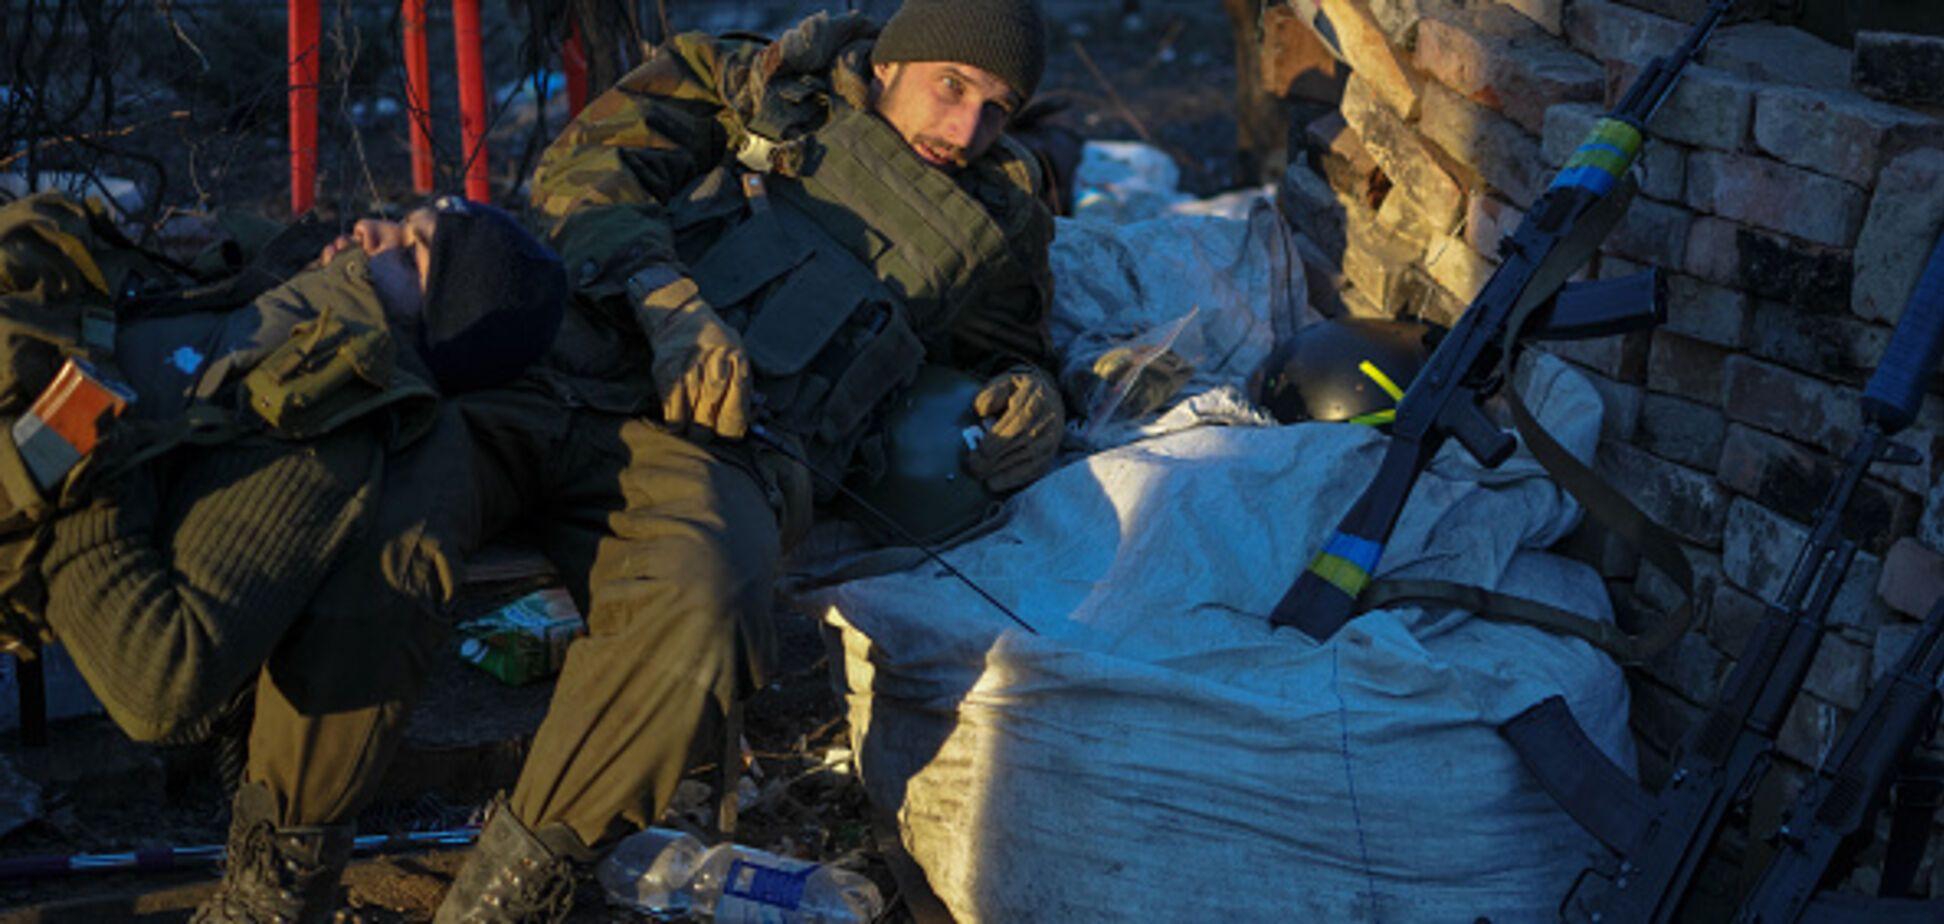 Террористы напали на ВСУ, убив военного: оккупантам устроили 'зачистку'